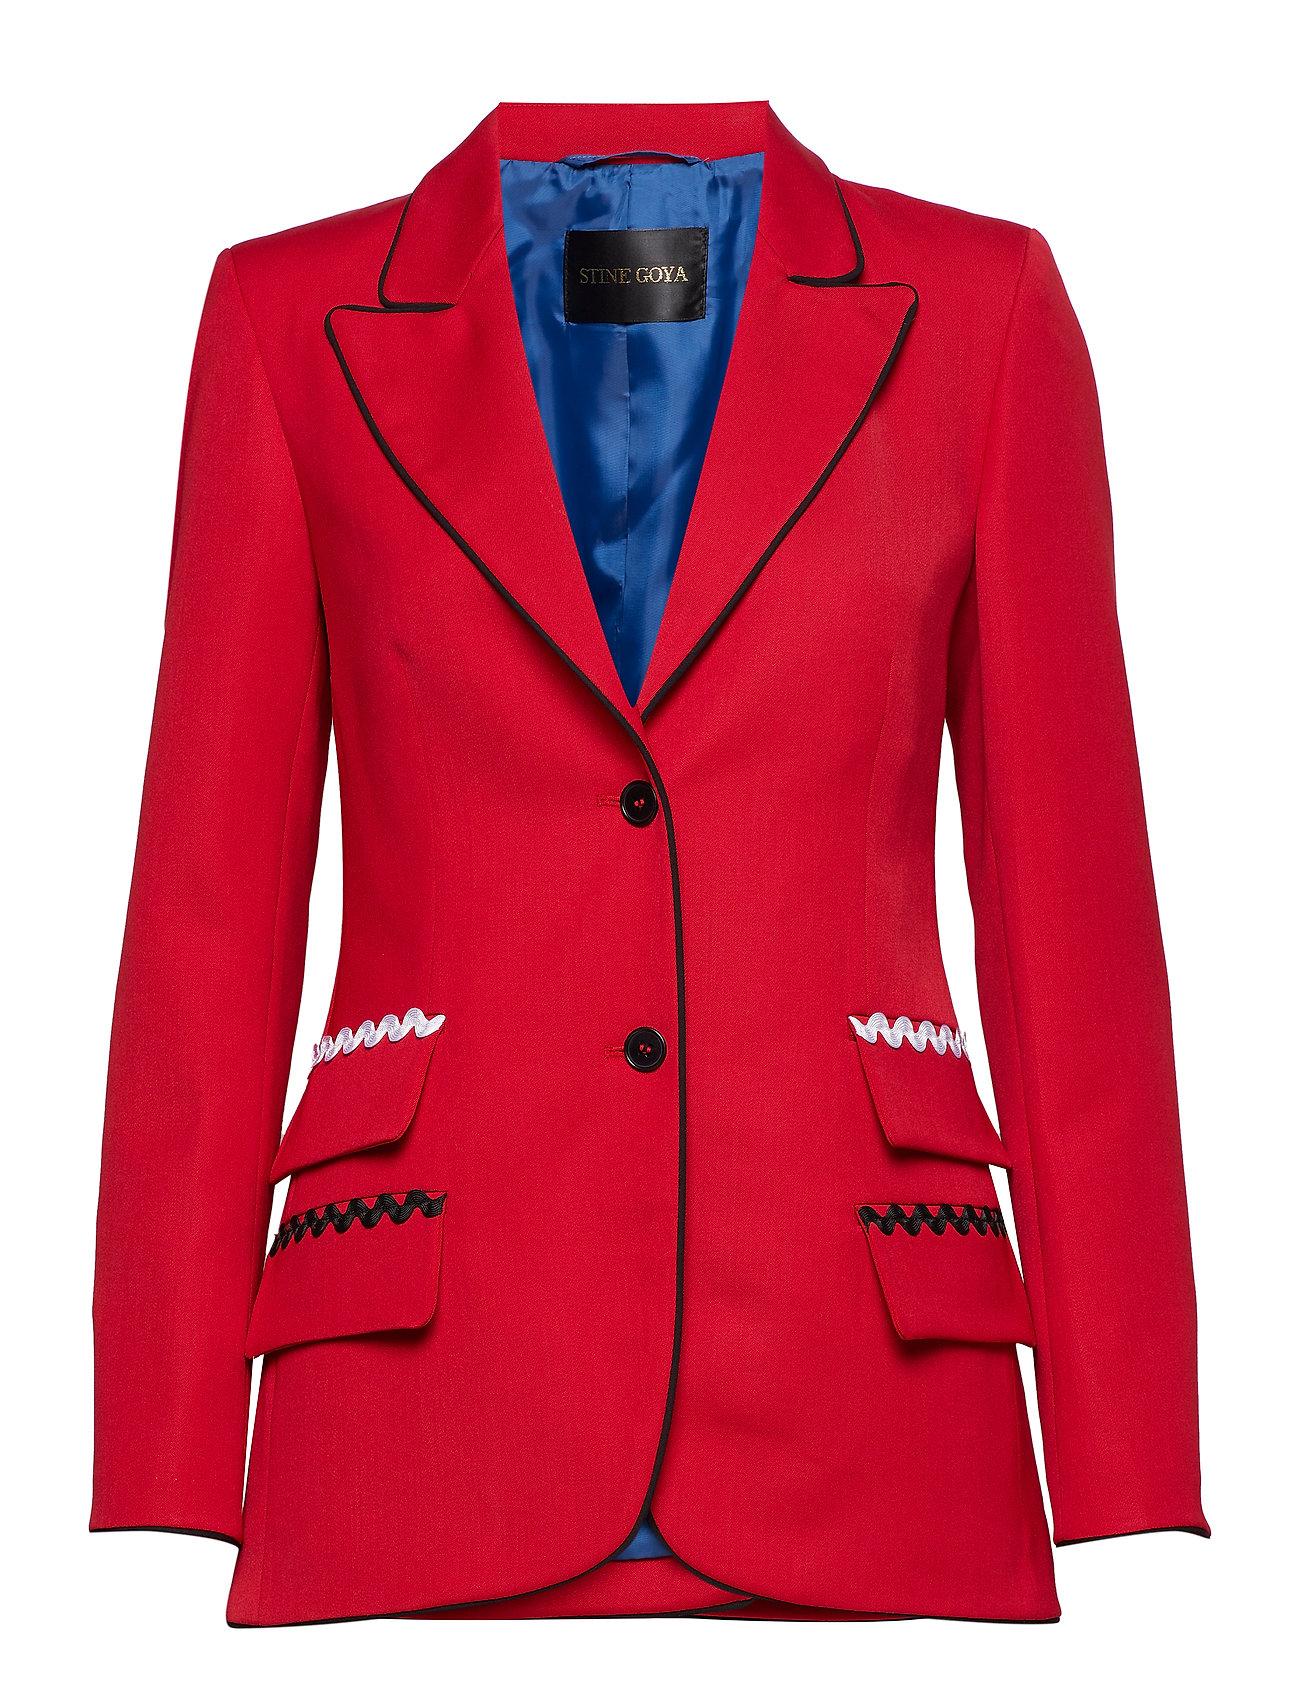 STINE GOYA Iris, 445 Garnet Tailoring - GARNET